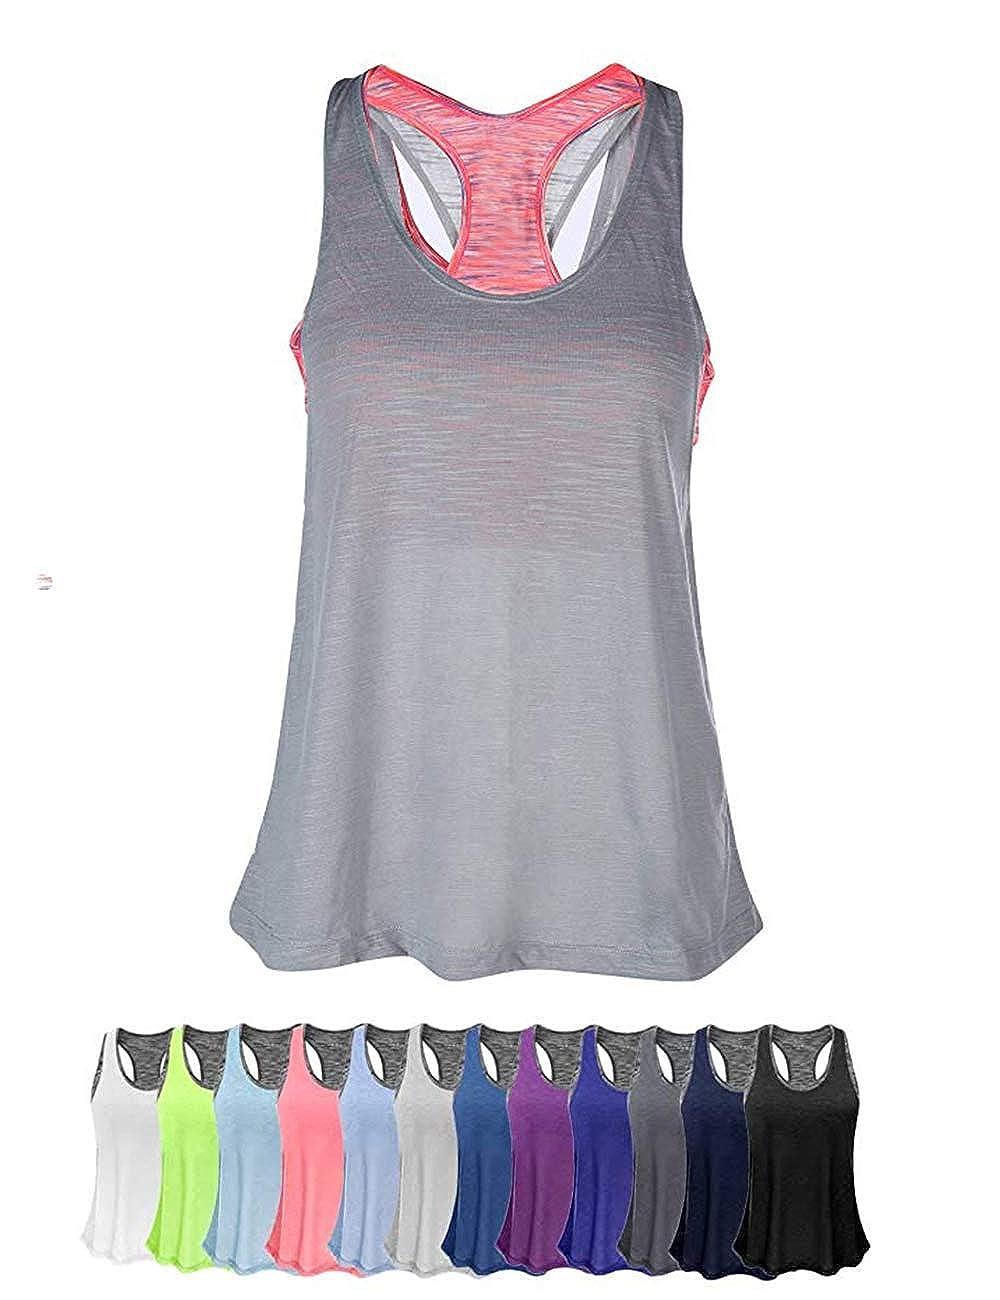 INSTINNCT Damen Tank Tops Casual /Ärmellos R/ückenfrei Shirts f/ür Yoga Workout